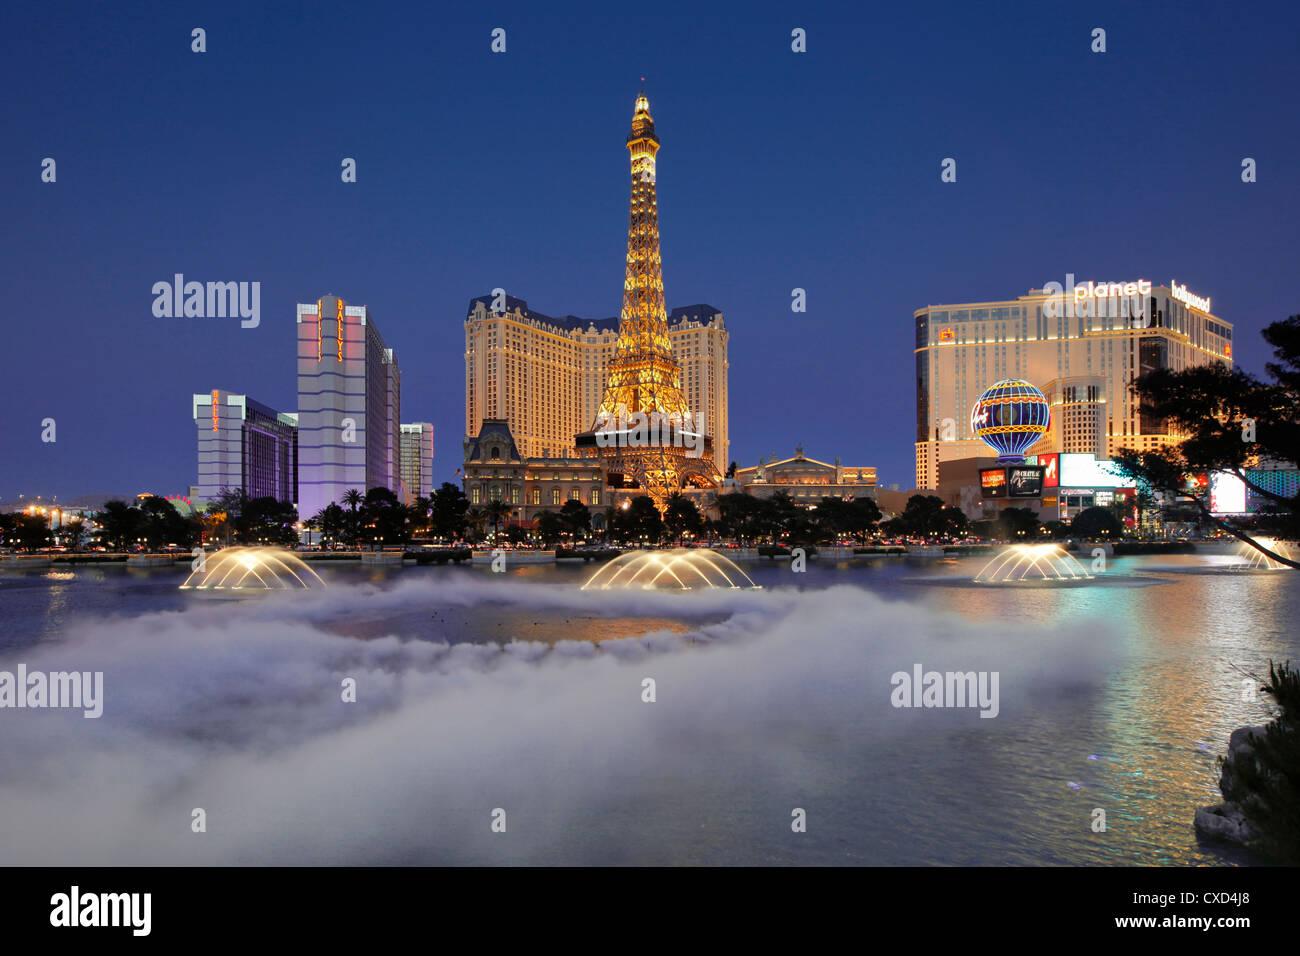 Fontane del Bellagio eseguire davanti alla Torre Eiffel replica, Las Vegas, Nevada, Stati Uniti d'America, America Immagini Stock